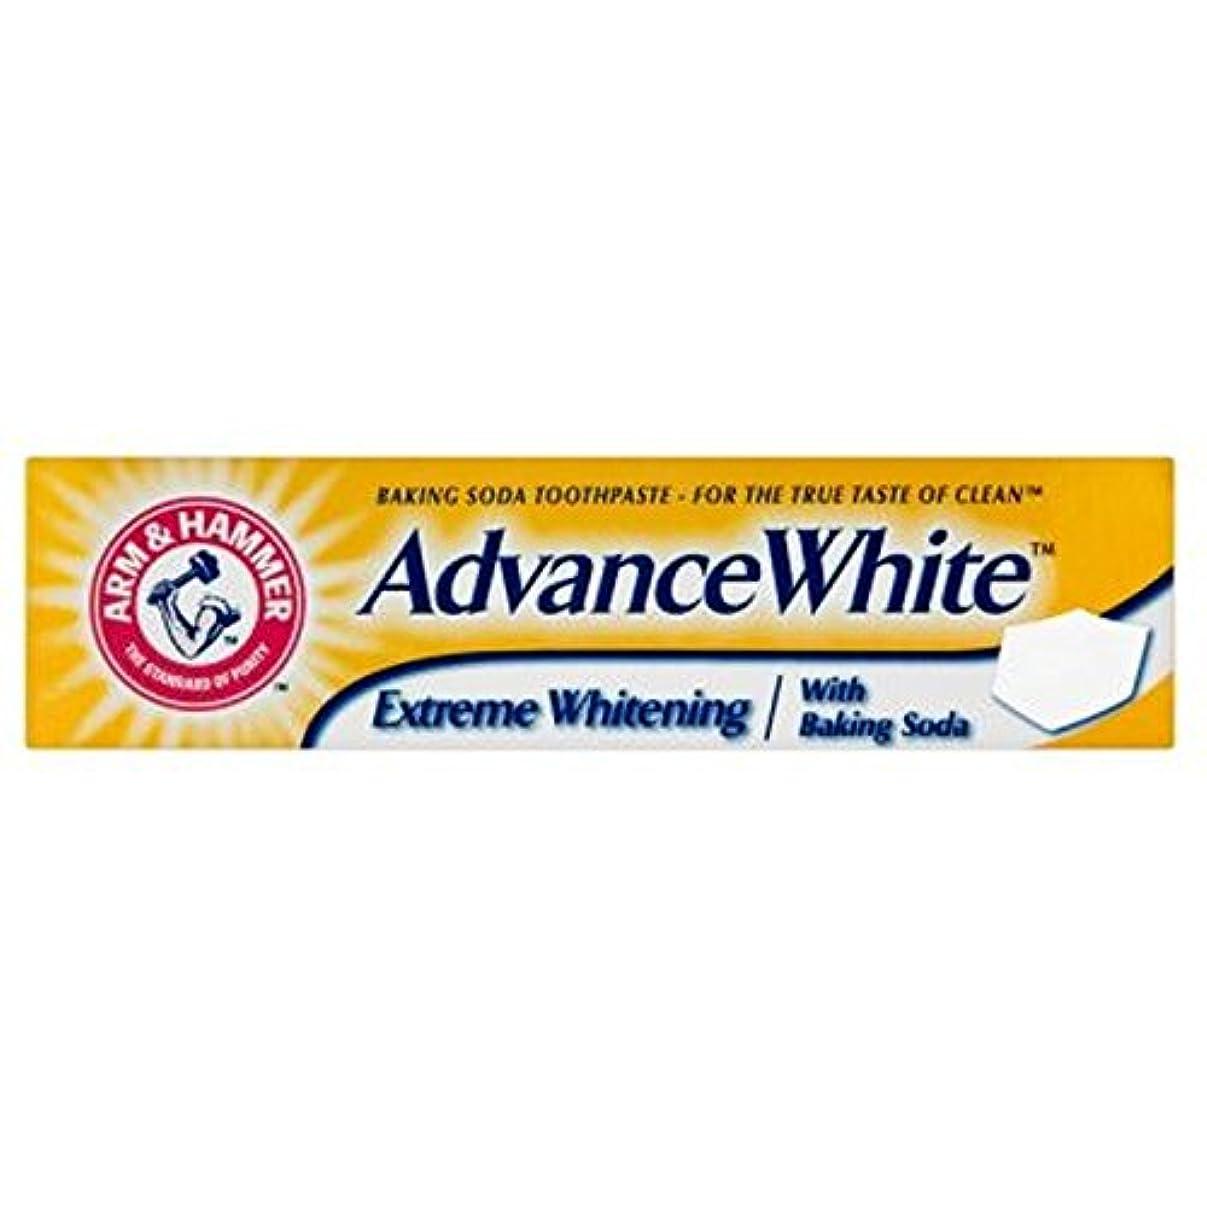 害虫蛇行の慈悲でArm & Hammer Advance White Extreme Whitening Baking Soda Toothpaste 75ml - 重曹歯磨き粉75ミリリットルをホワイトニングアーム&ハンマー事前白極端...